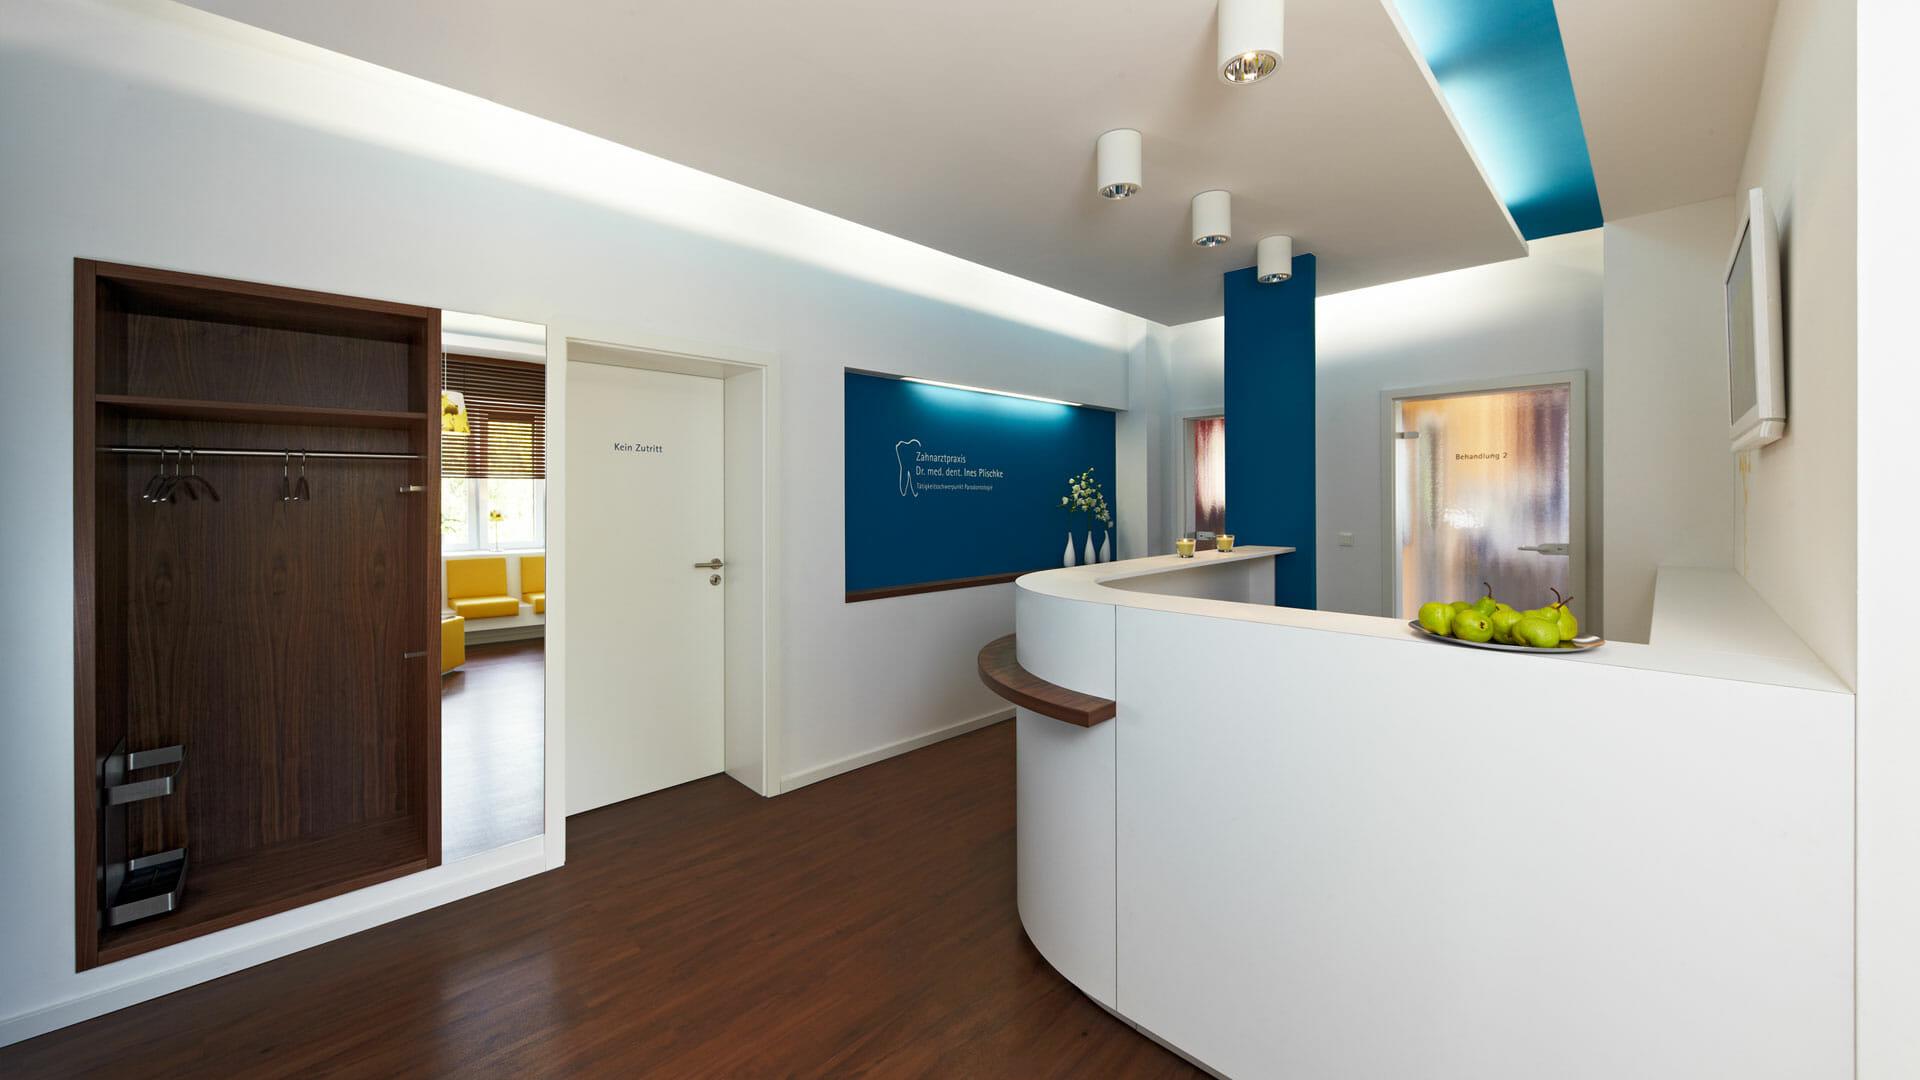 modern gestalteter Empfangsbereich mit dunklem Holz und blauen Aktzenten